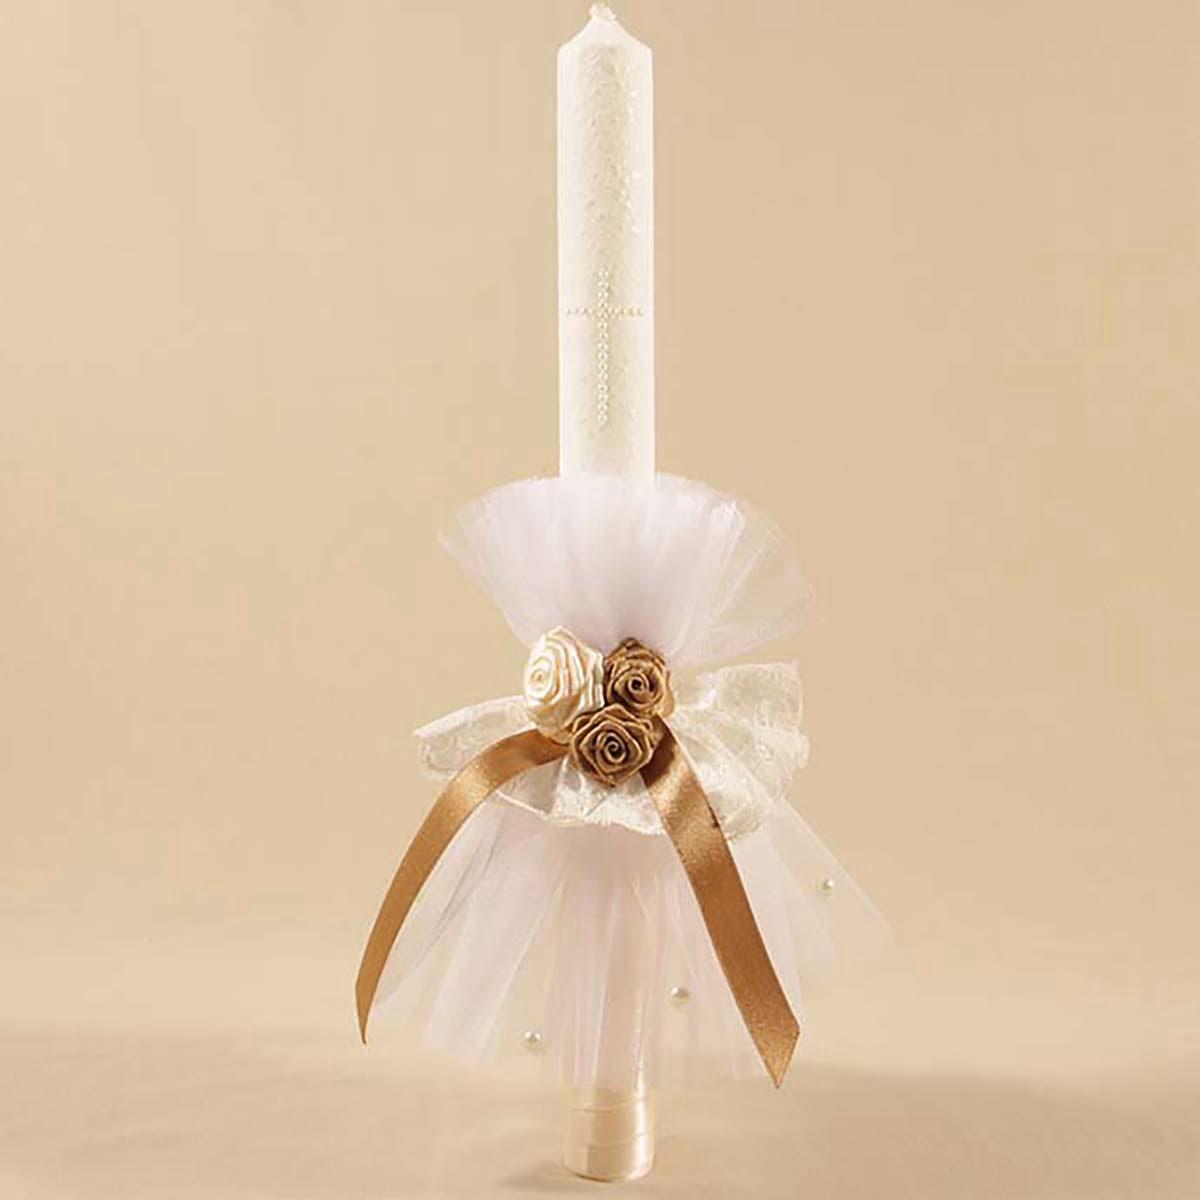 Goldie angel ručno ukrašena velika svijeća za krštenje